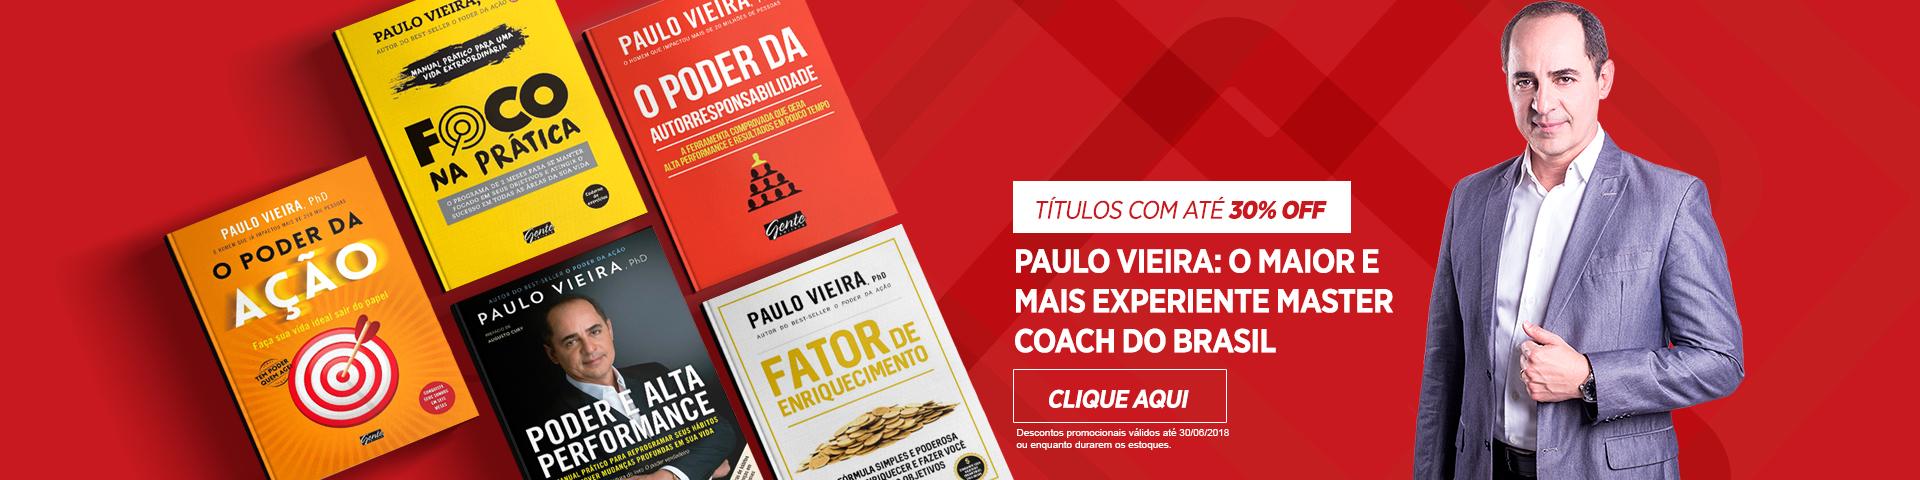 Paulo Vieira